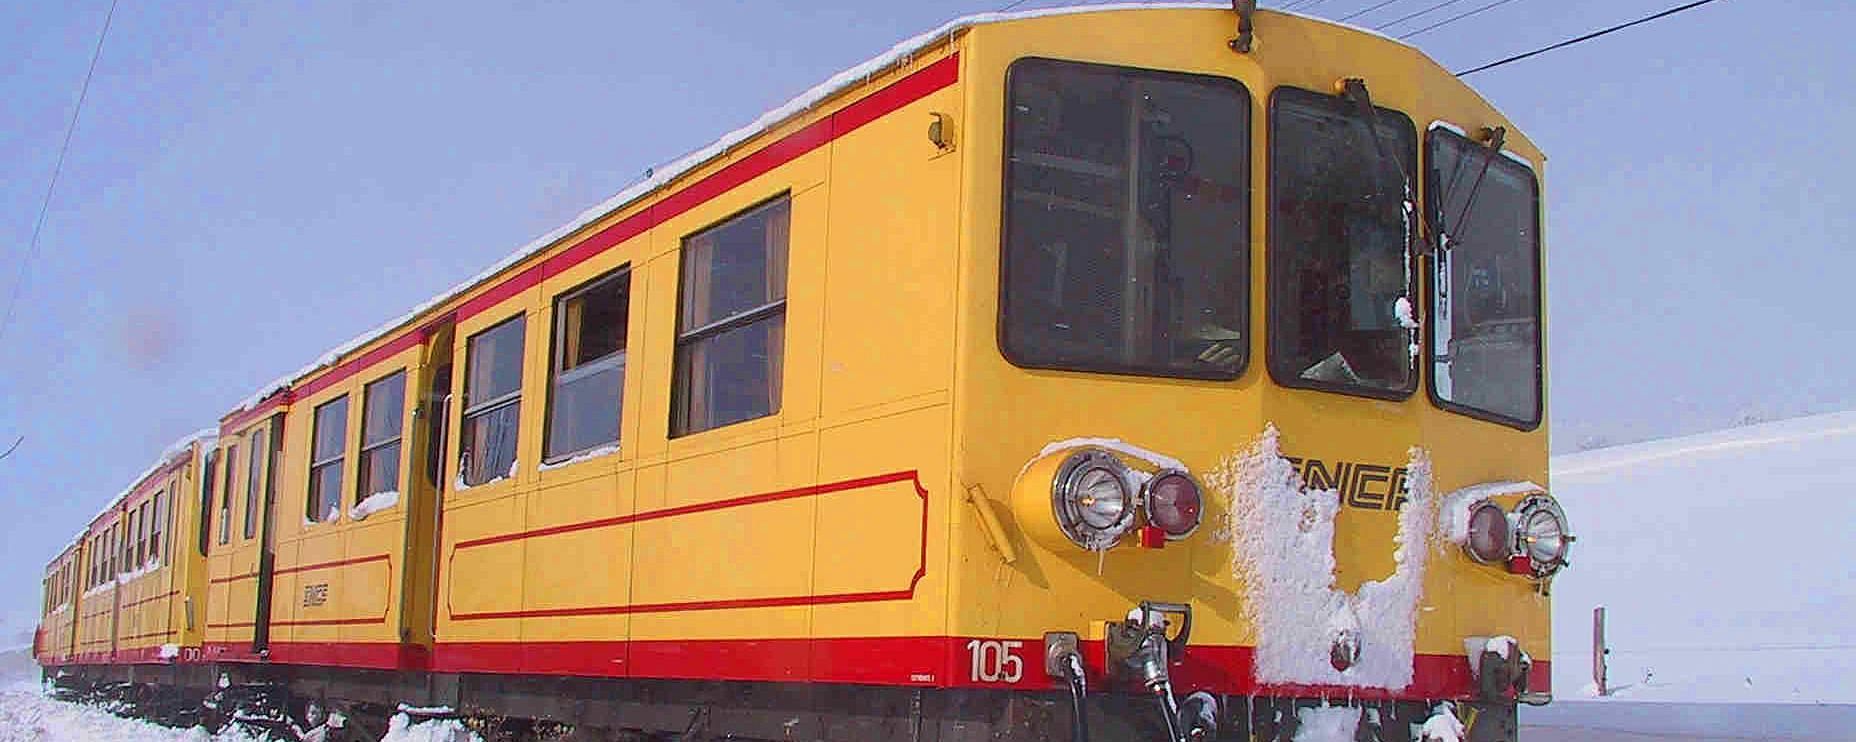 De Gele Trein rijdt ook in de winter